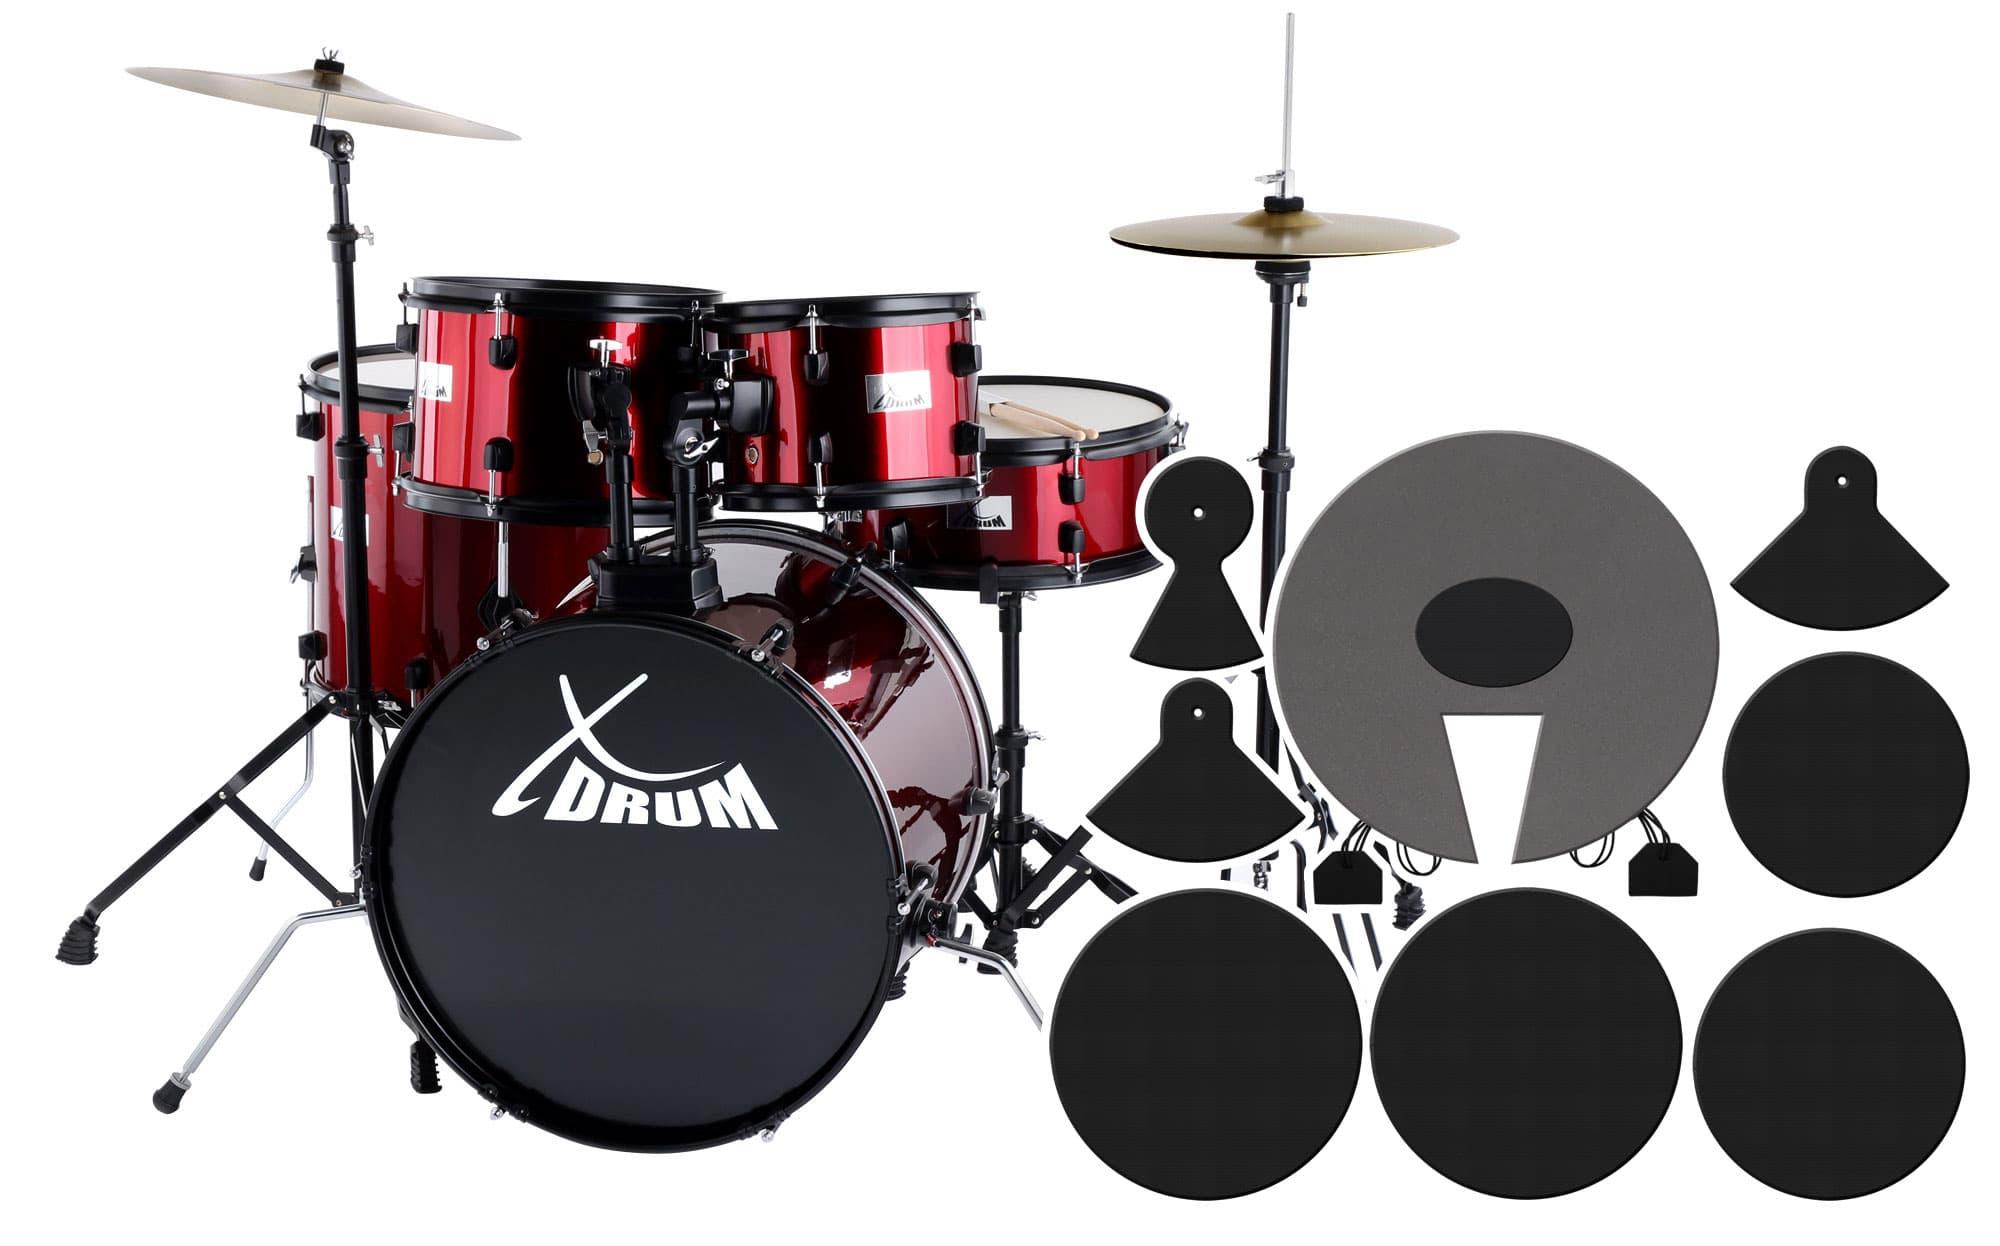 XDrum Rookie 20' Studio Schlagzeug Red plus Dämpferset